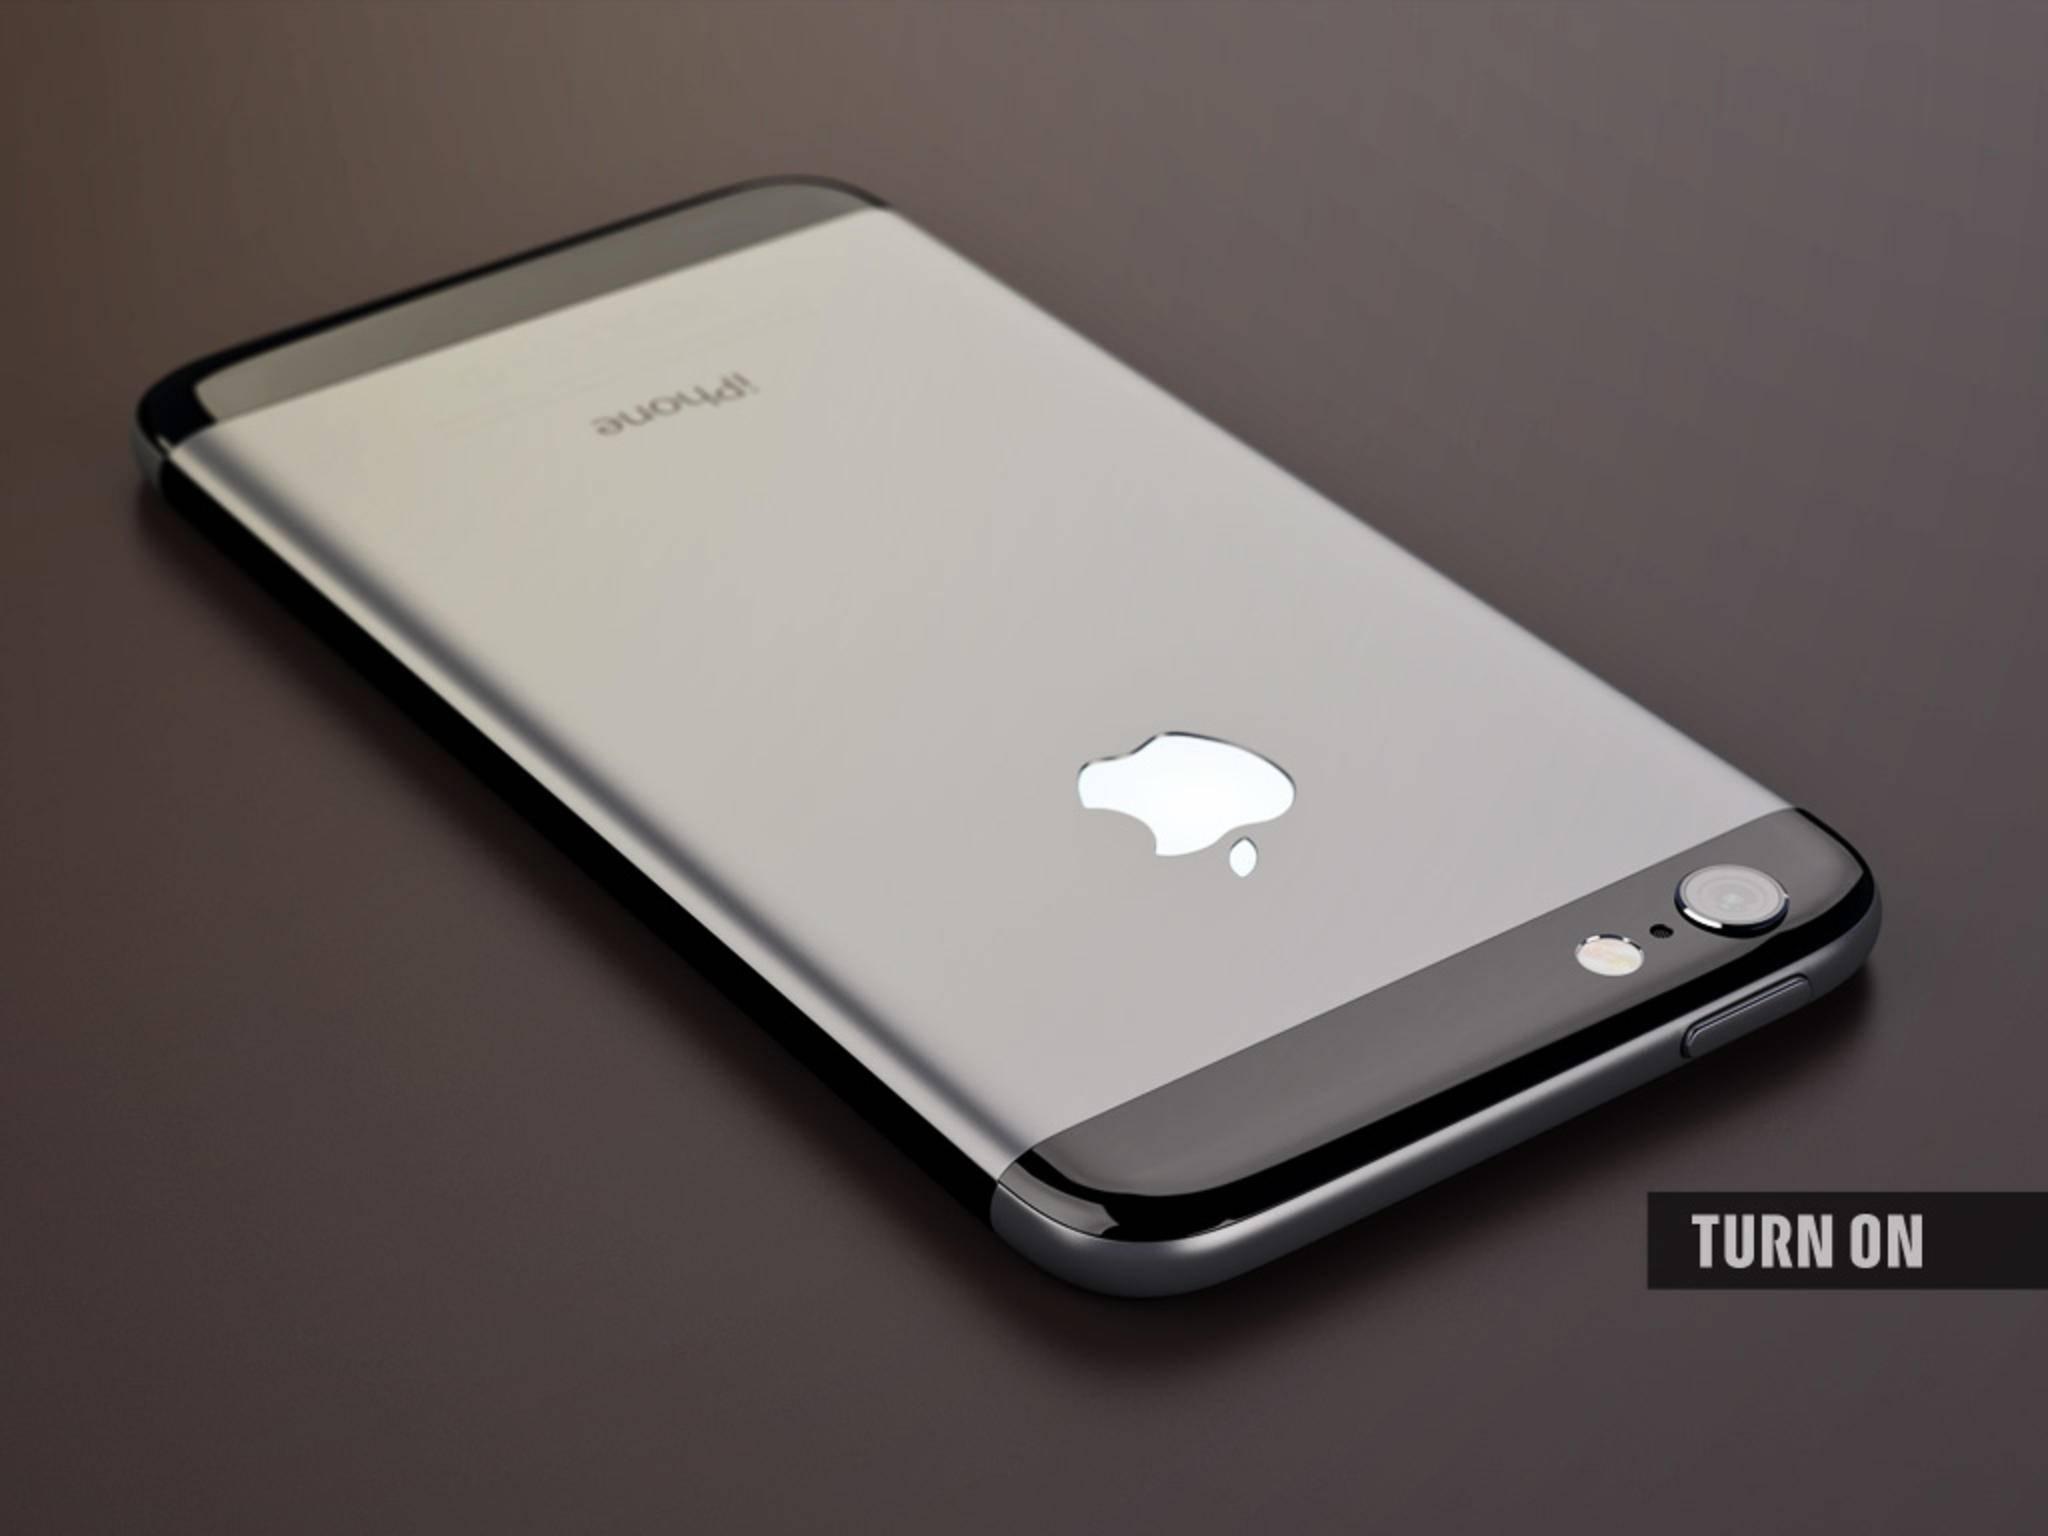 Das iPhone 7 soll offenbar doch deutlicher komplexer als ein iPhone 6s werden.